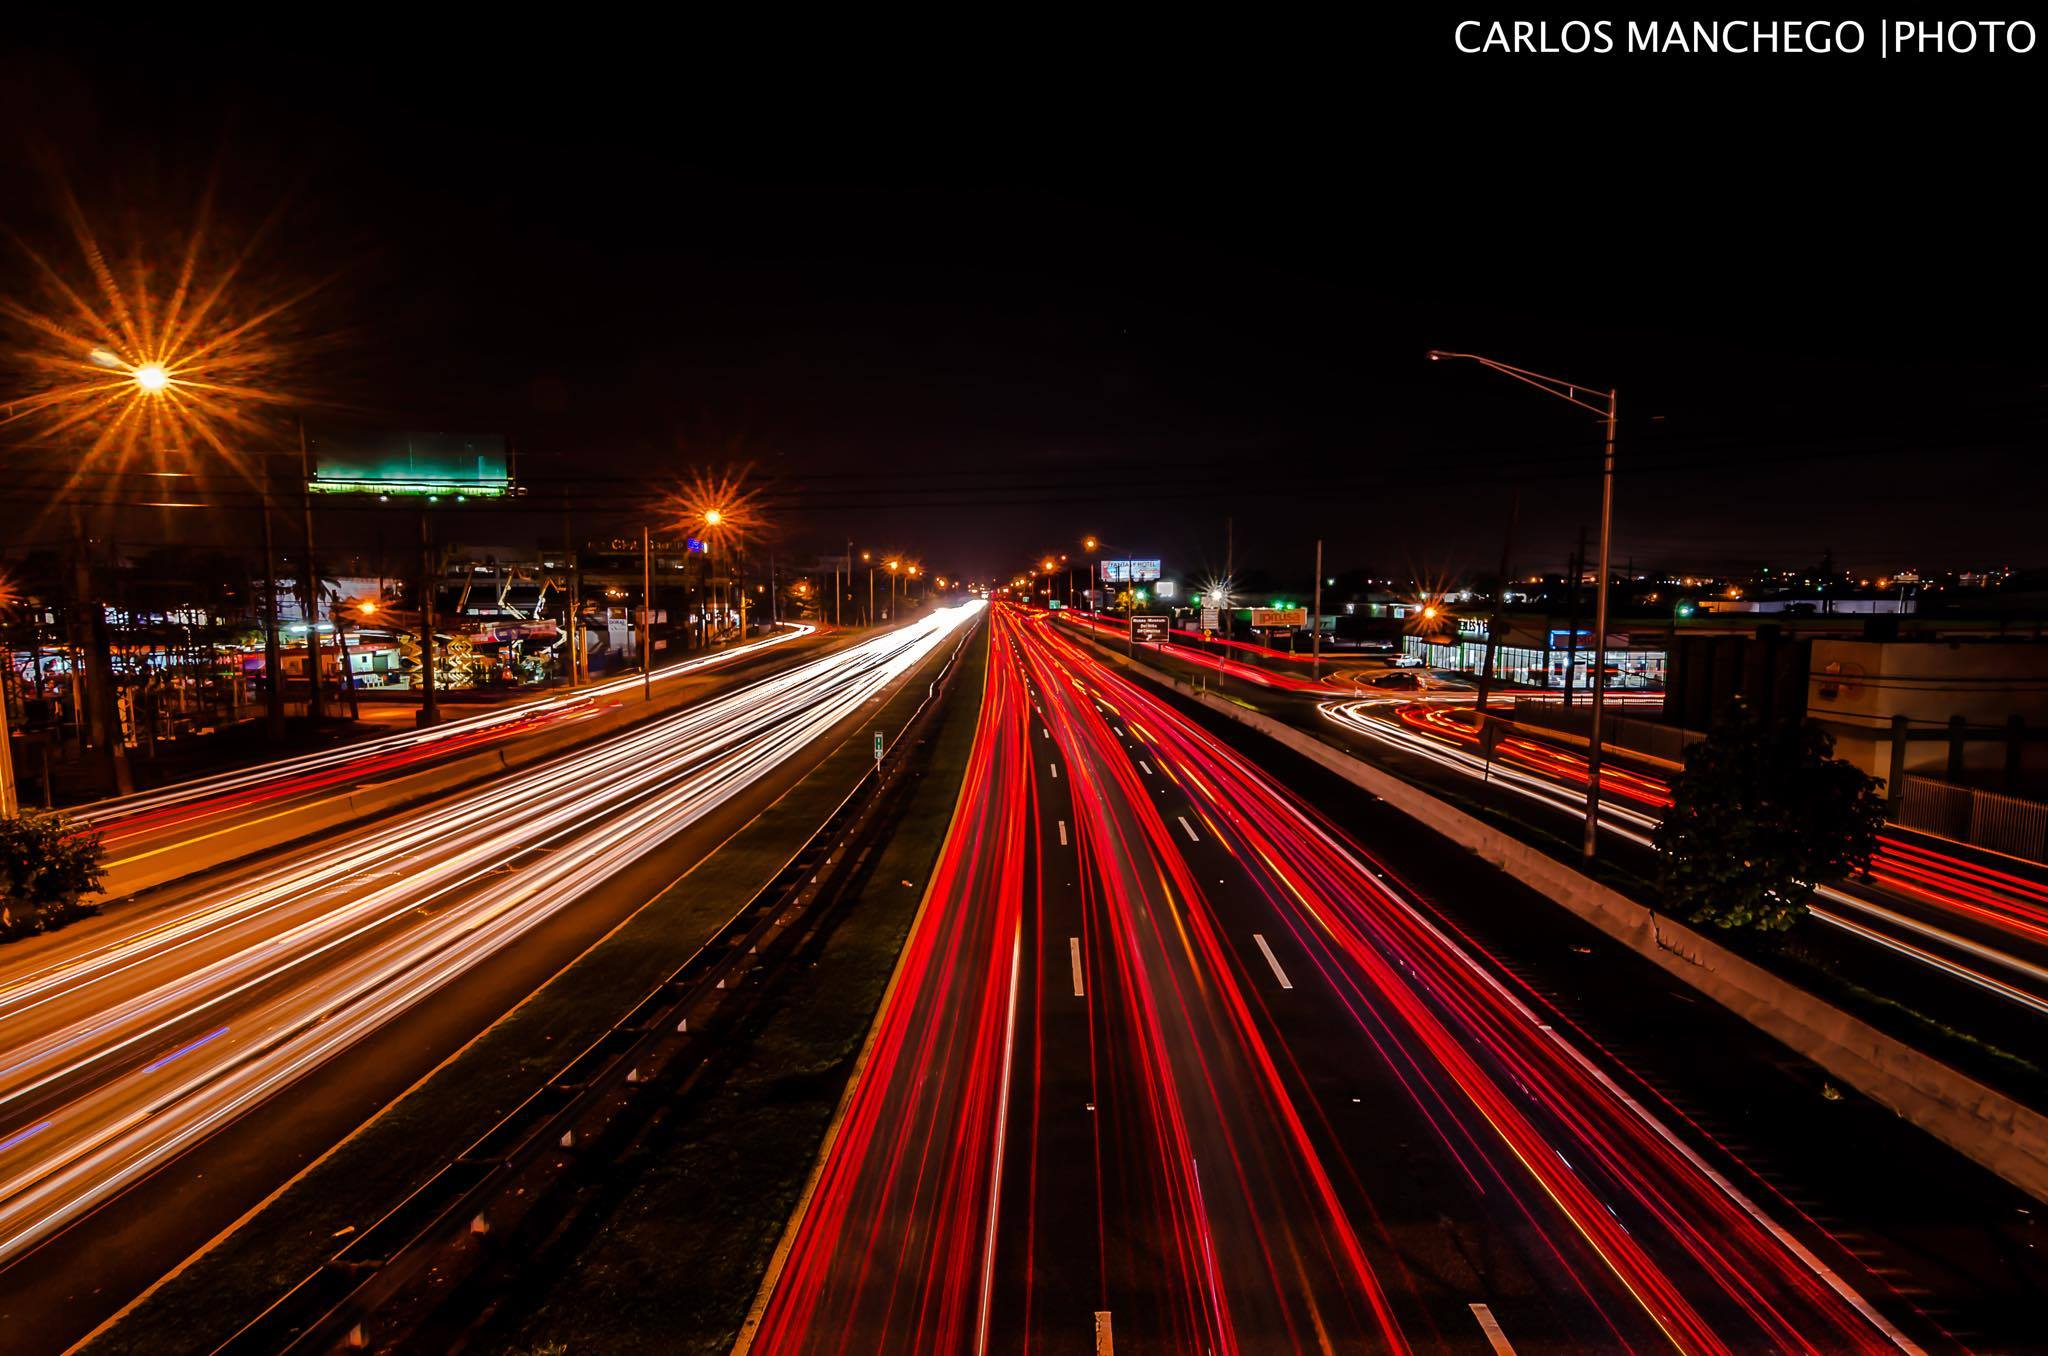 Noche en la Avenida Baldorioty De Castro, Carolina, Puerto Rico.